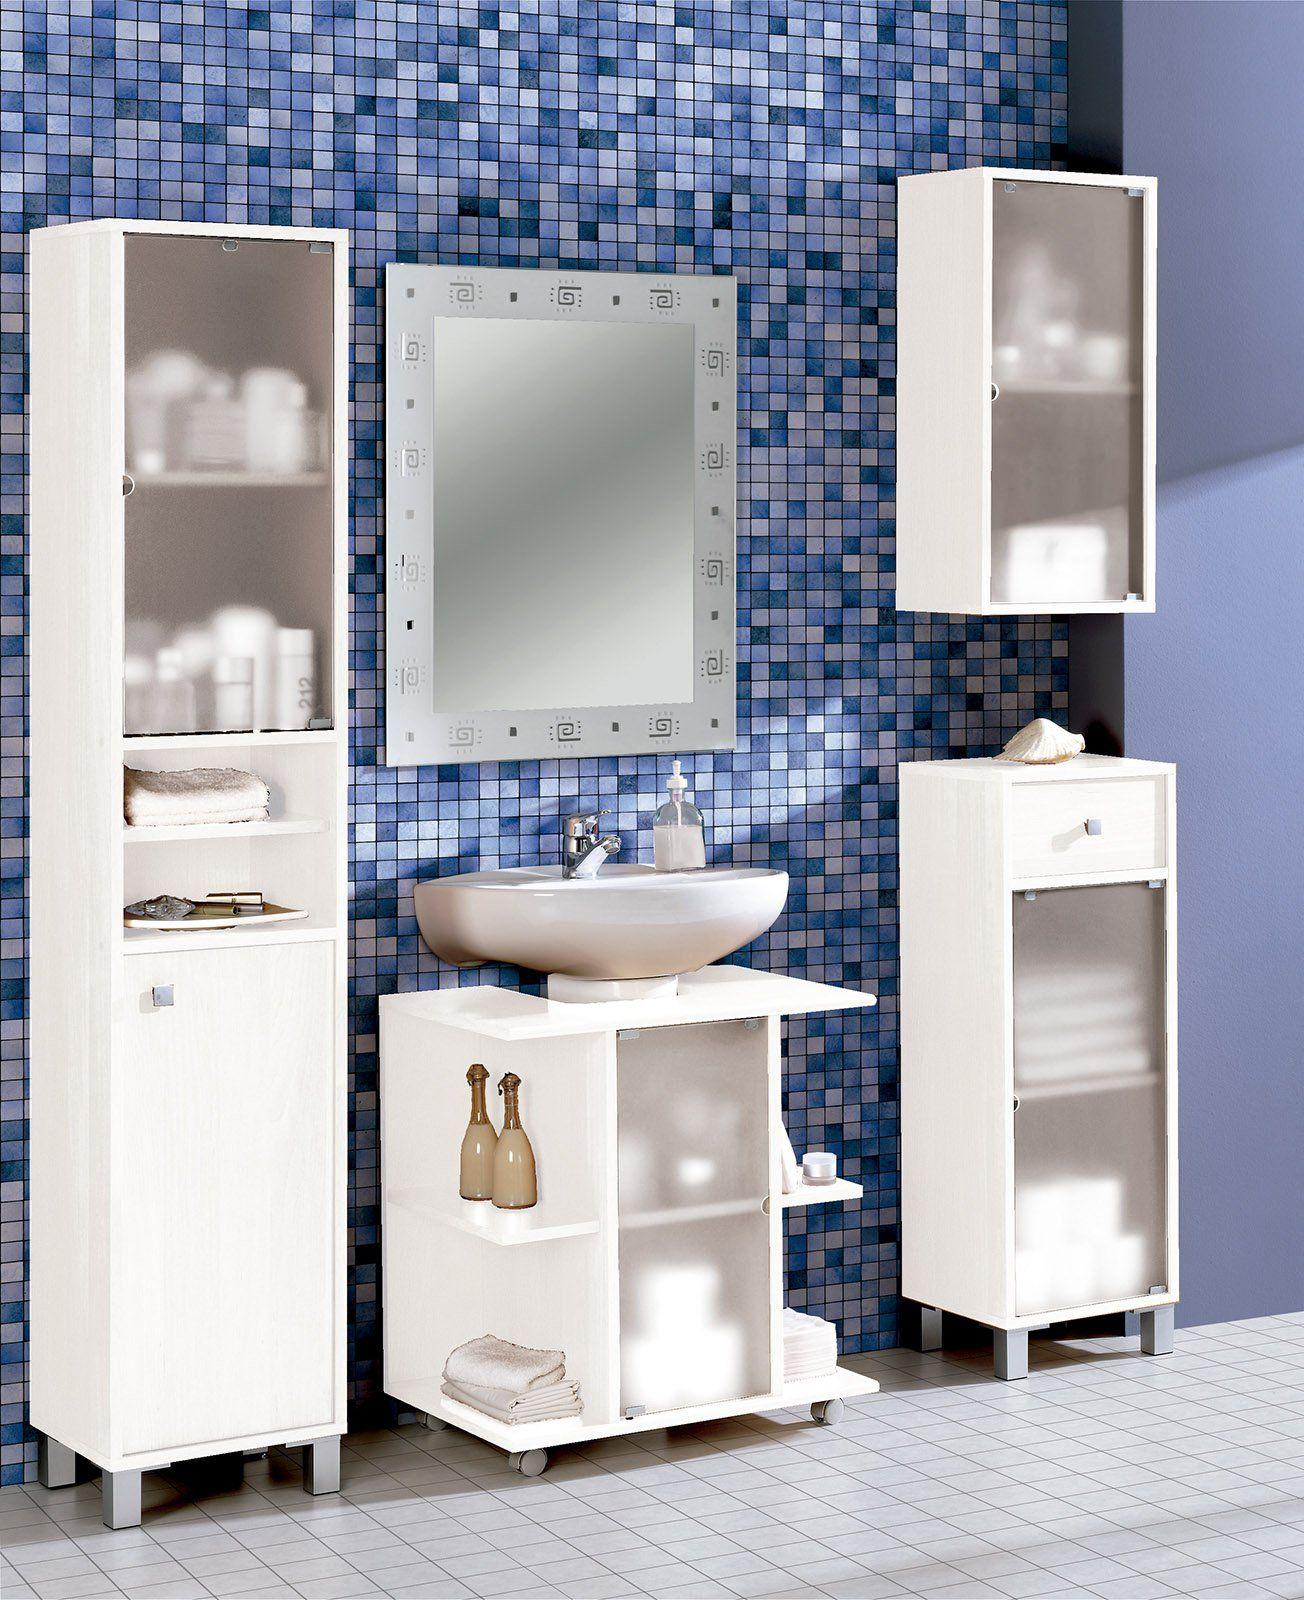 Miroytengo Mueble baño Aseo bajo Color Blanco para Lavabo ...